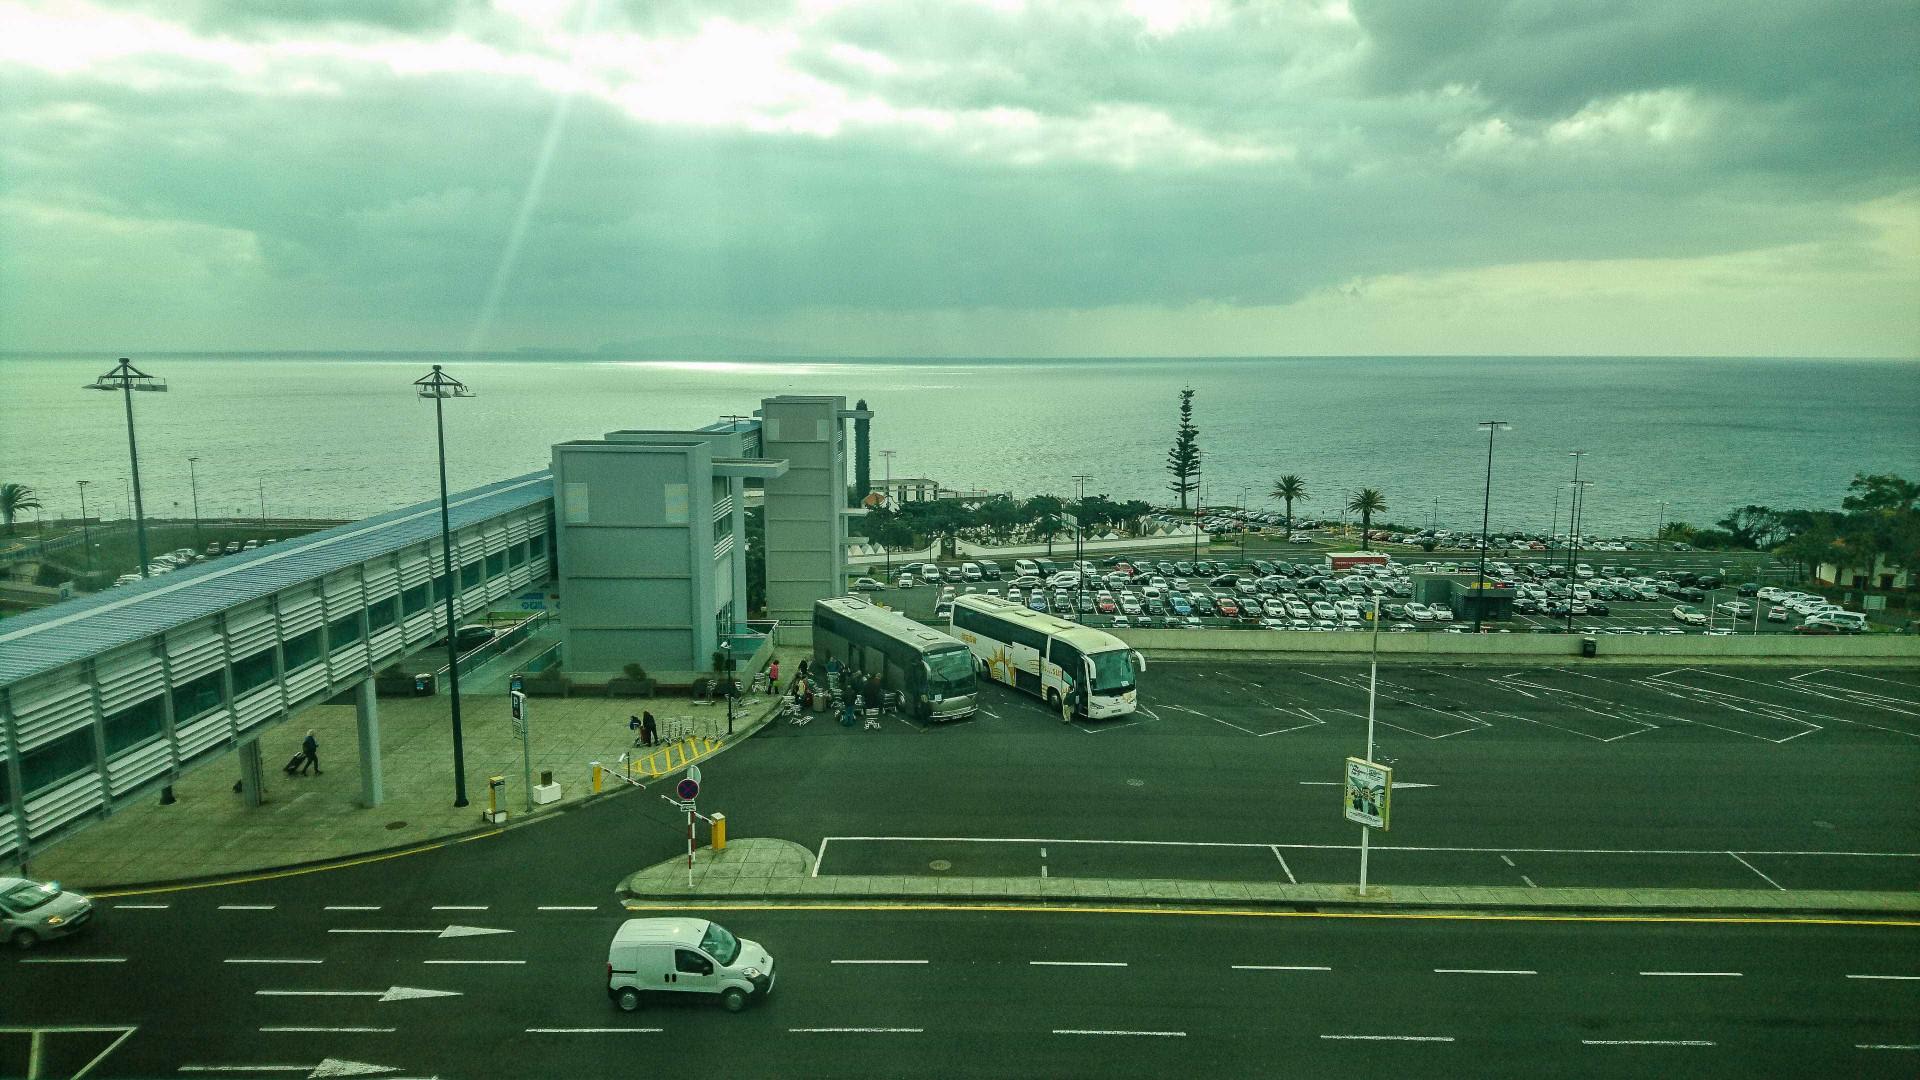 Agências de viagem criticam inoperacionalidade do aeroporto da Madeira